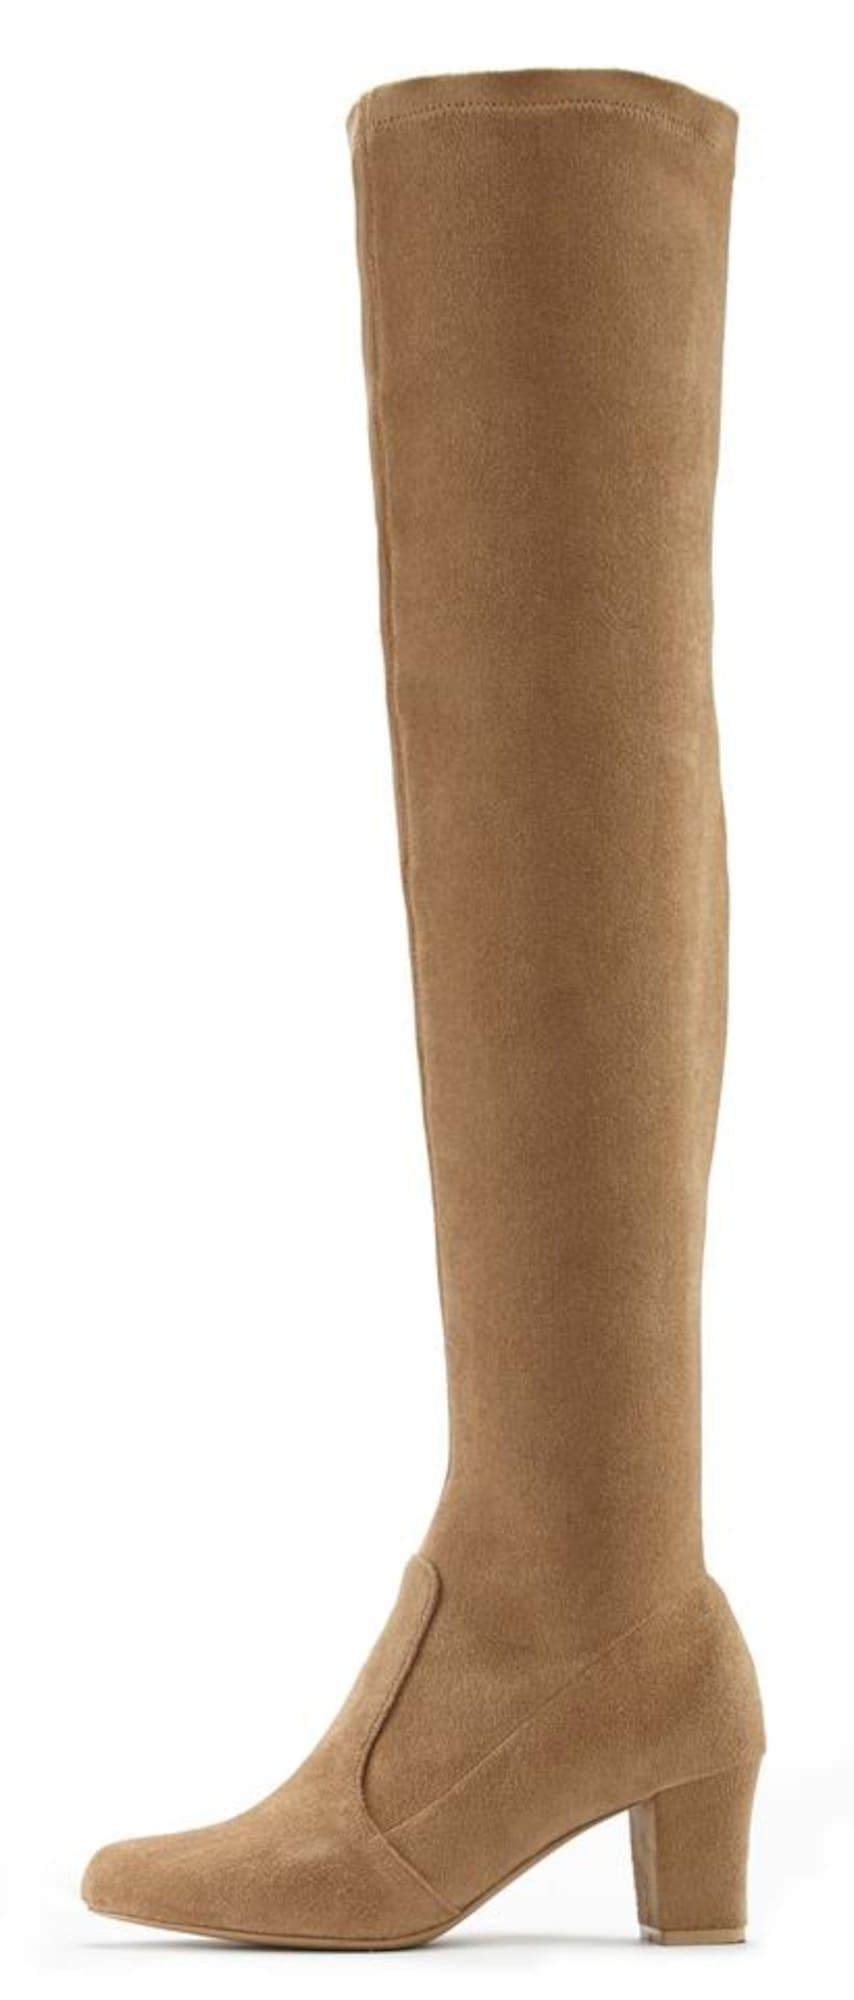 LASCANA Ilgaauliai batai virš kelių smėlio